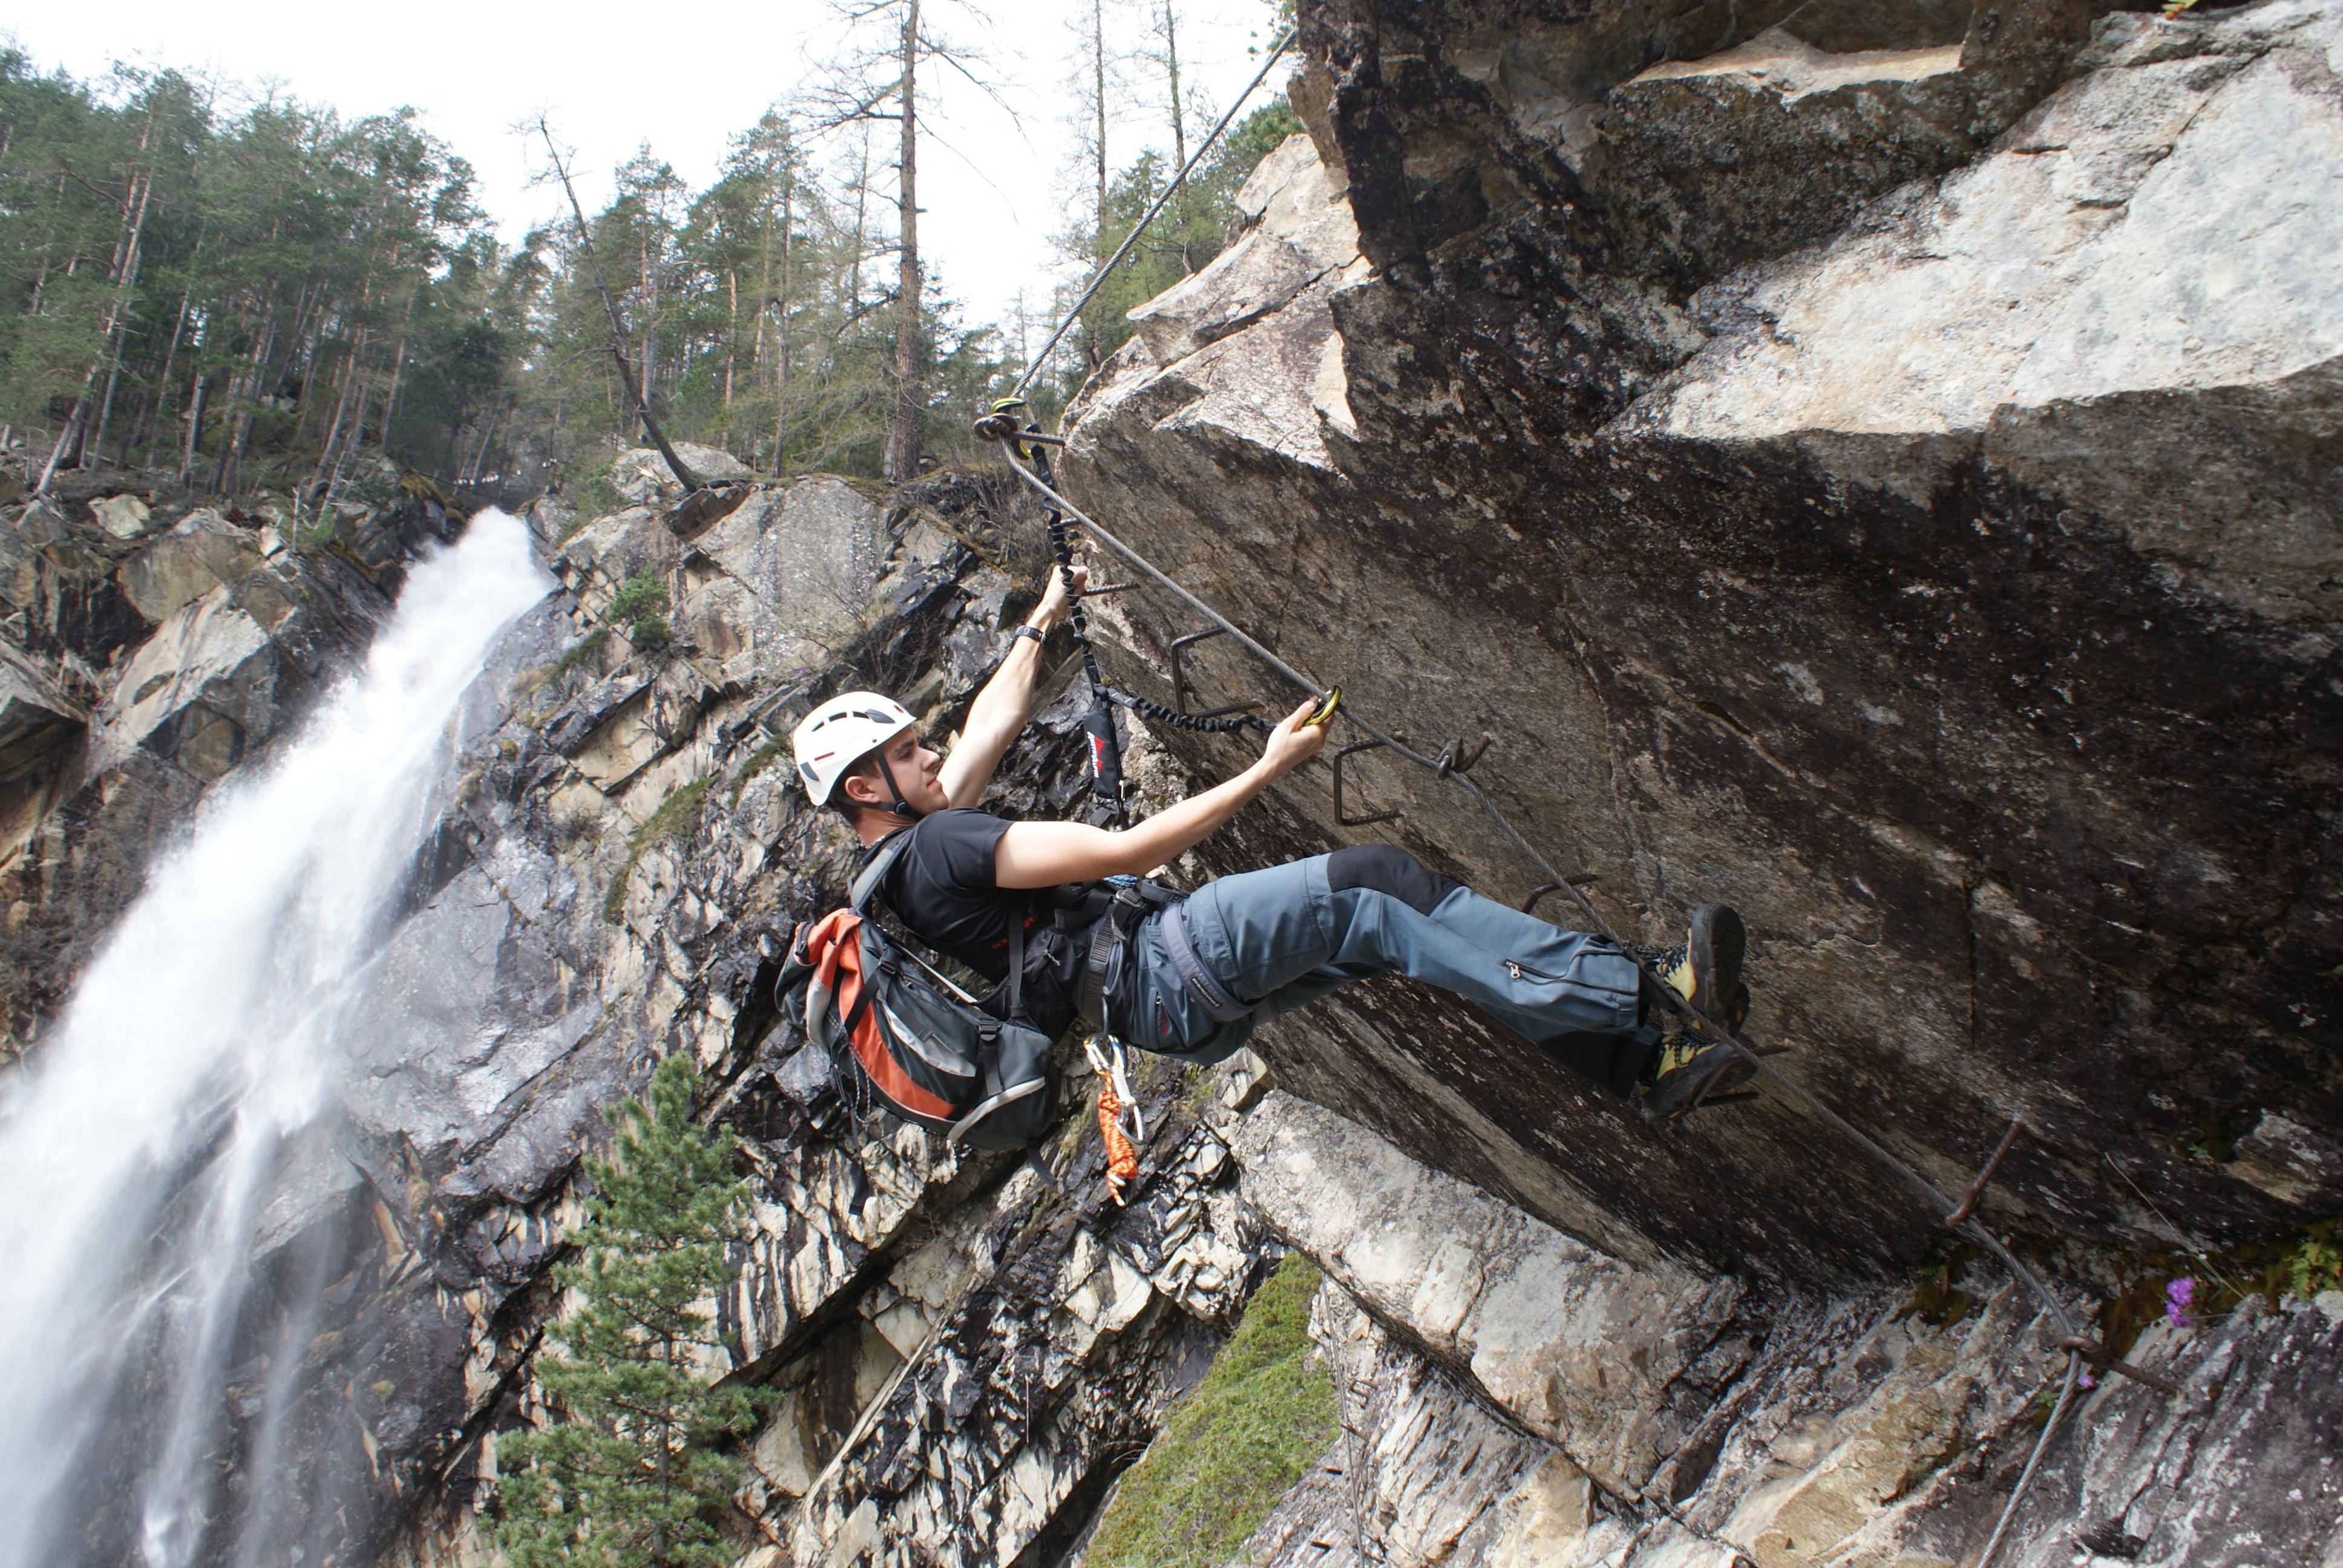 Klettersteig Oetztal : Unsere klettersteigpremiere 2013: der lehner wasserfall c im